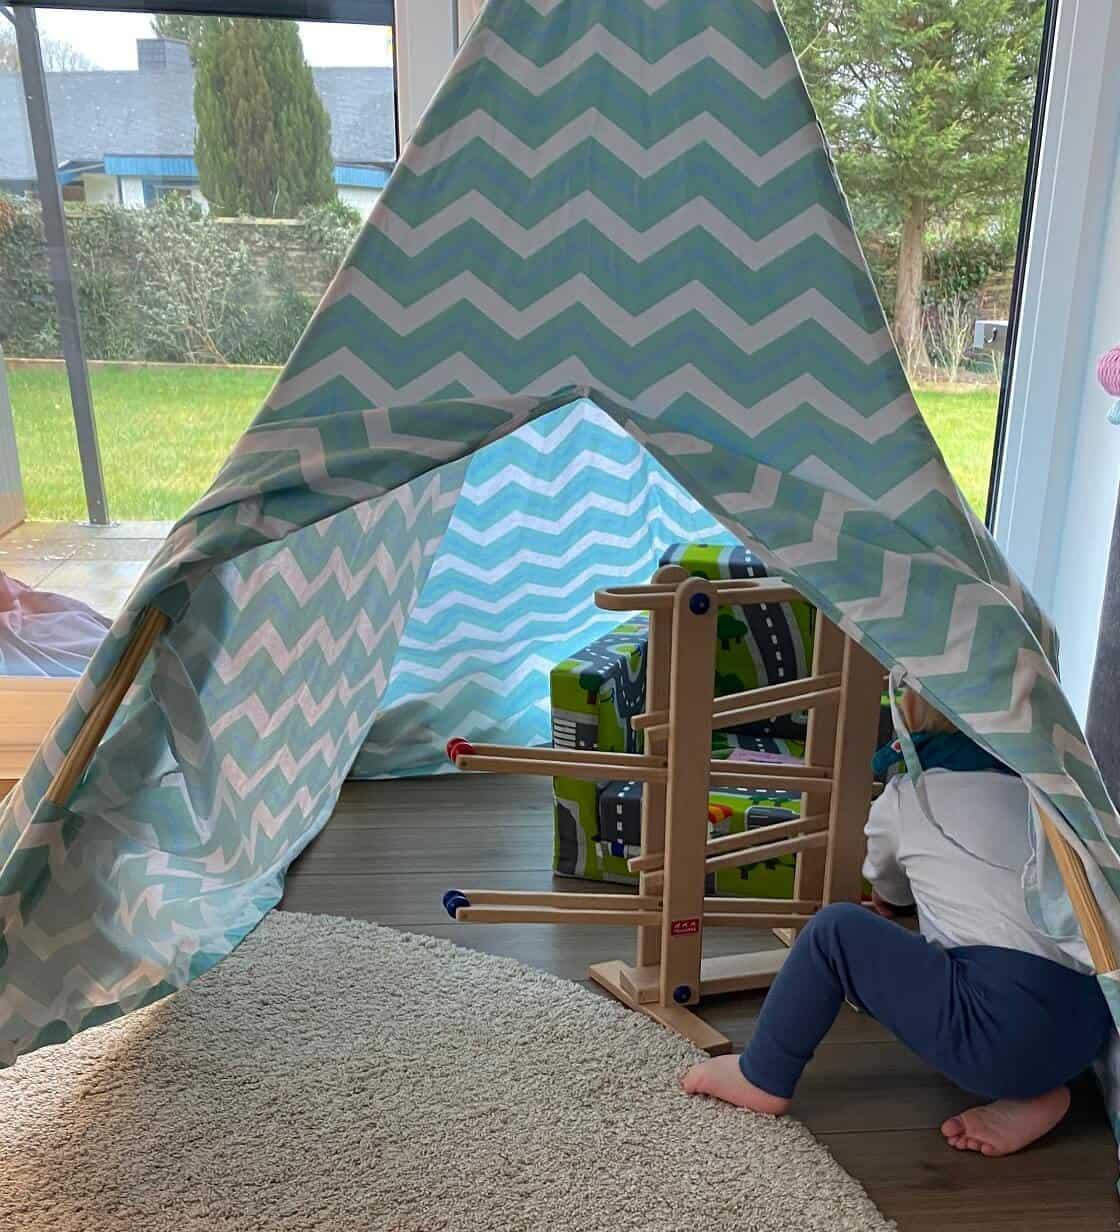 Die Kugelbahn aus Holz wurde gerne an verschiedene Orte gestellt, sehr gerne auch mal im Tipi Zelt